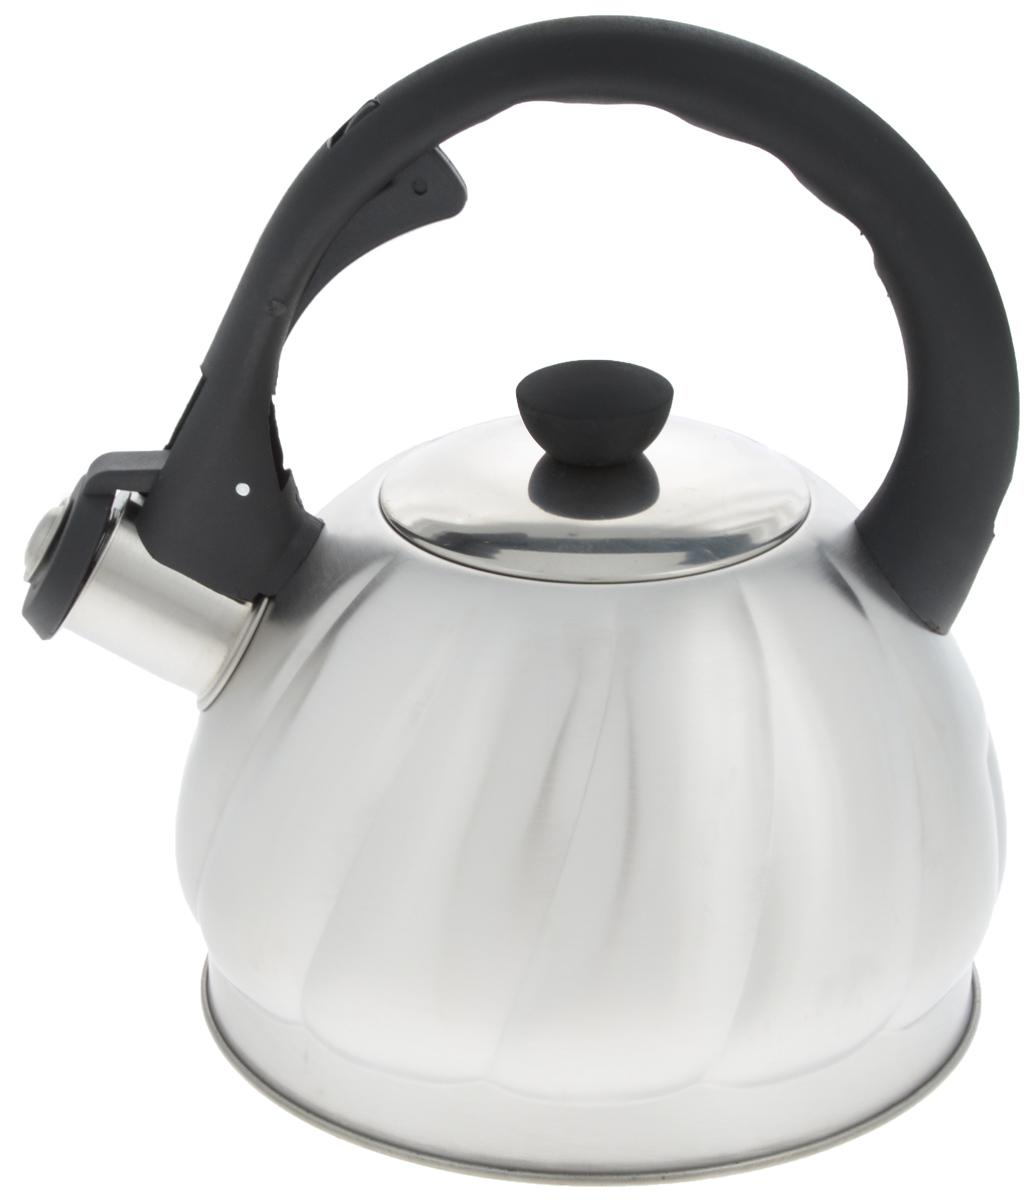 Чайник Mayer & Boch, со свистком, 2 л. 2589625896Чайник со свистком Mayer & Boch изготовлен из высококачественной нержавеющей стали, что обеспечивает долговечность использования. Носик чайника оснащен откидным свистком, звуковой сигнал которого подскажет, когда закипит вода. Свисток открывается нажатием кнопки на фиксированной ручке, сделанной из пластика. Чайник Mayer & Boch - качественное исполнение и стильное решение для вашей кухни. Подходит для всех типов плит, включая индукционные. Можно мыть в посудомоечной машине. Высота чайника (с учетом ручки и крышки): 22,5 см. Высота чайника (без учета ручки и крышки): 12 см. Диаметр чайника (по верхнему краю): 9 см. Диаметр основания: 16,5 см.